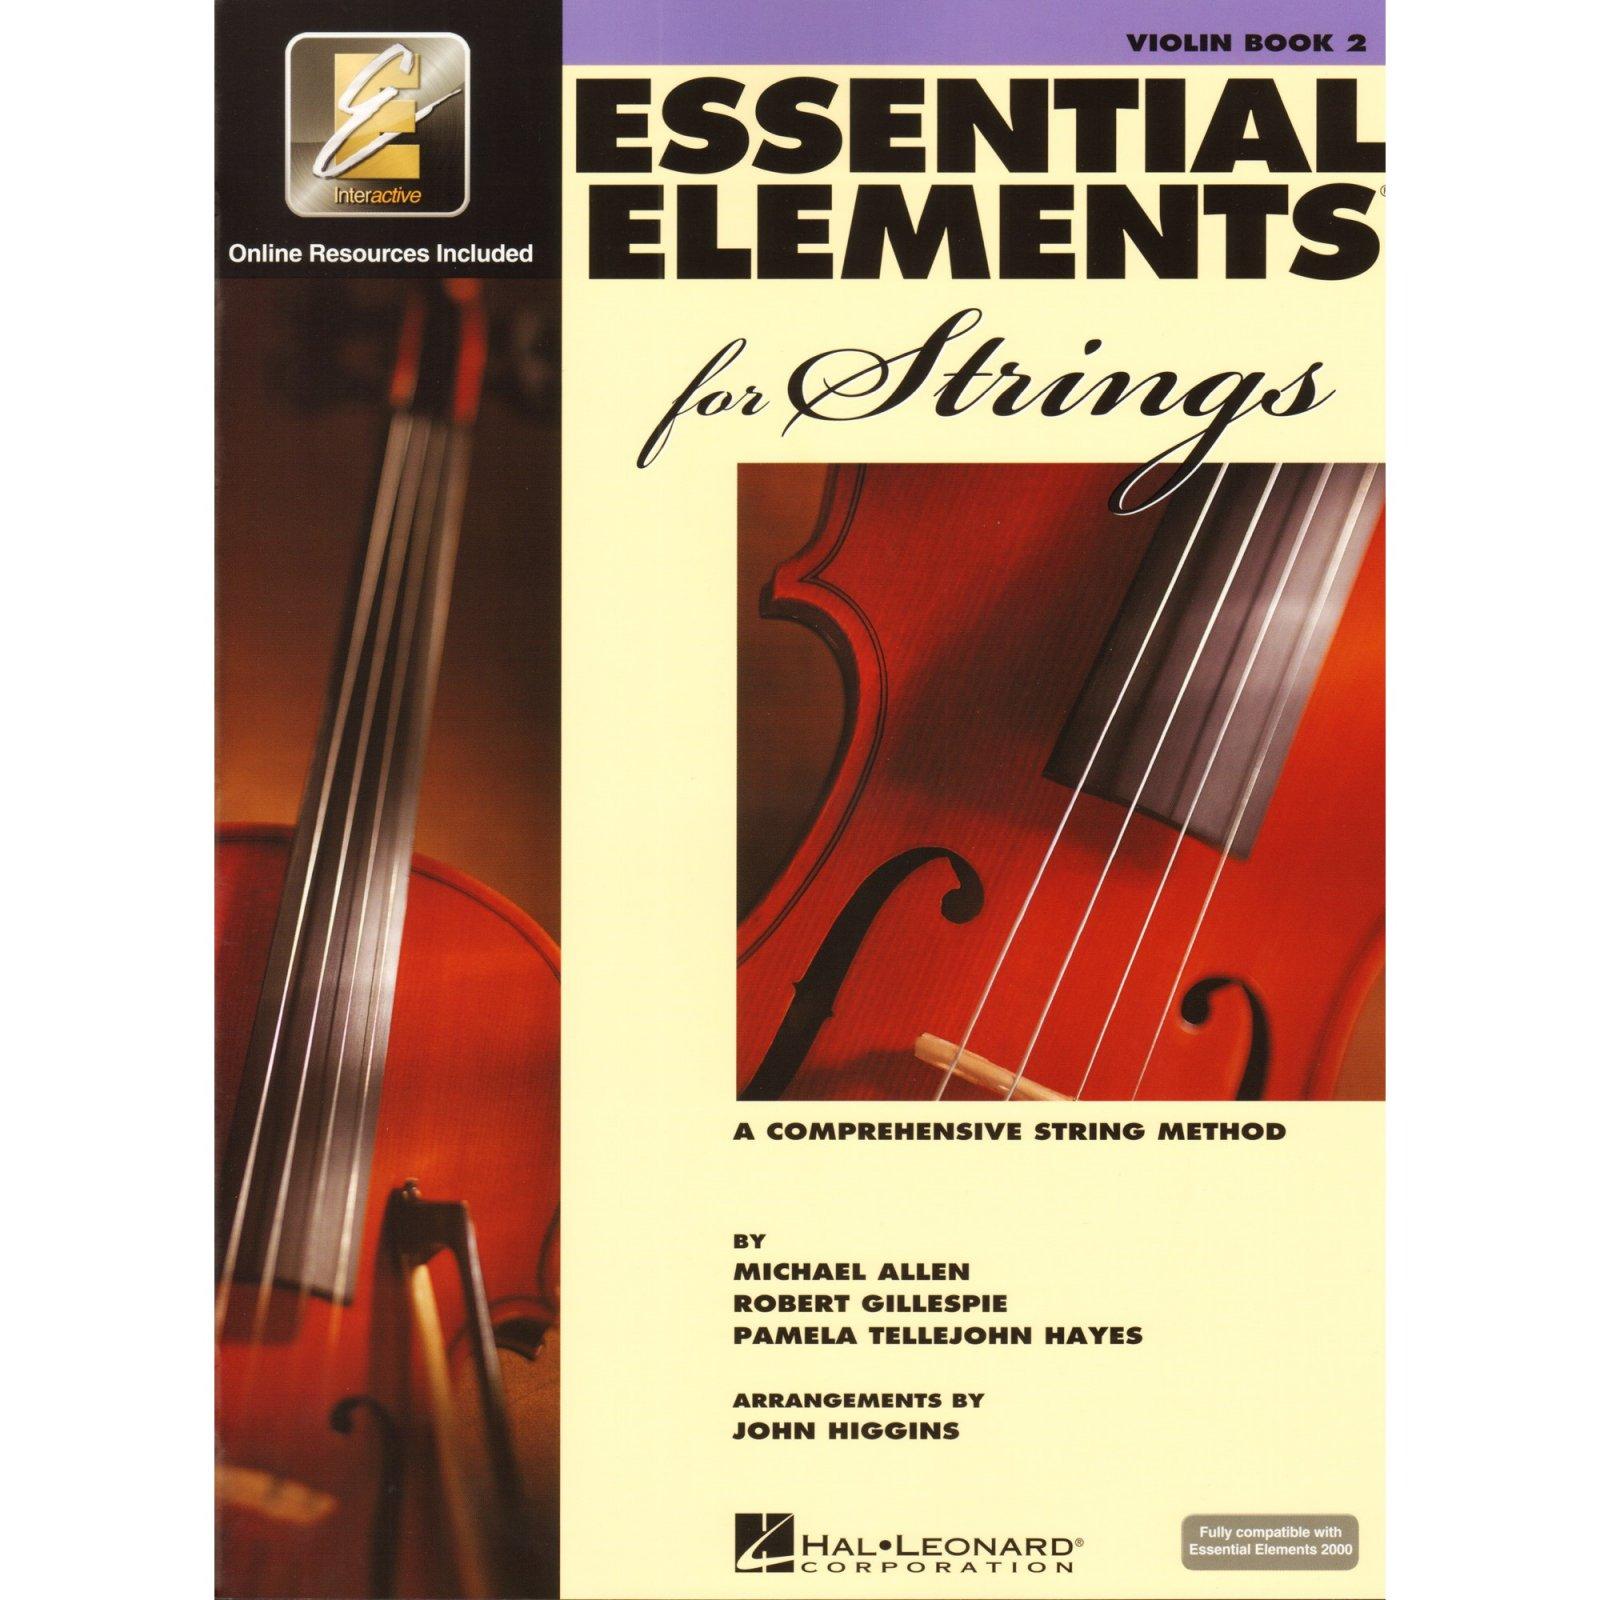 EE2000 Violin Book 2